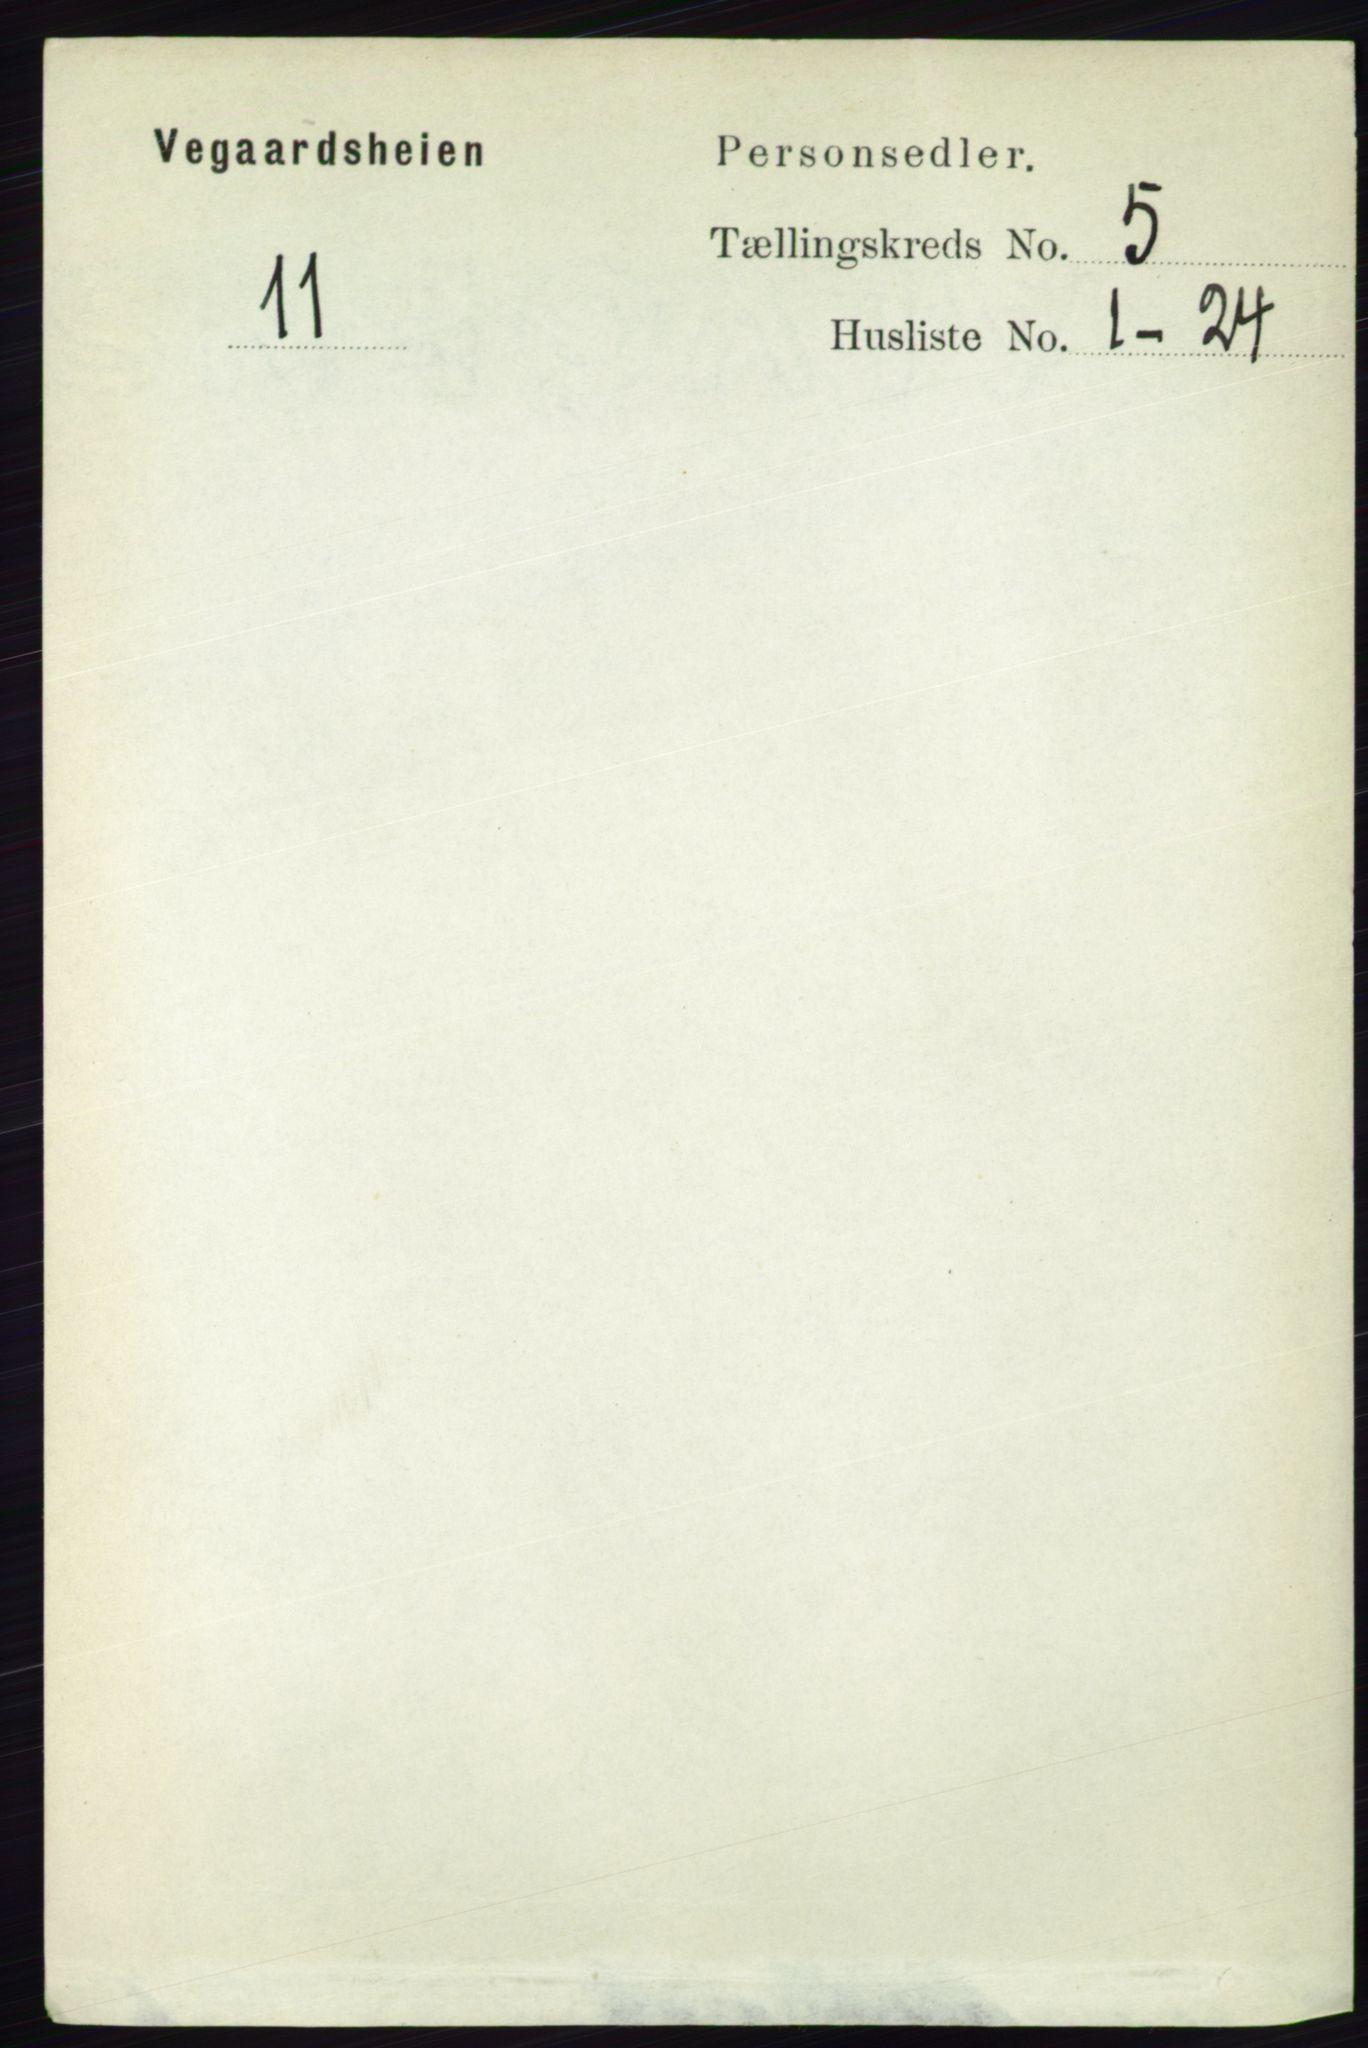 RA, Folketelling 1891 for 0912 Vegårshei herred, 1891, s. 968